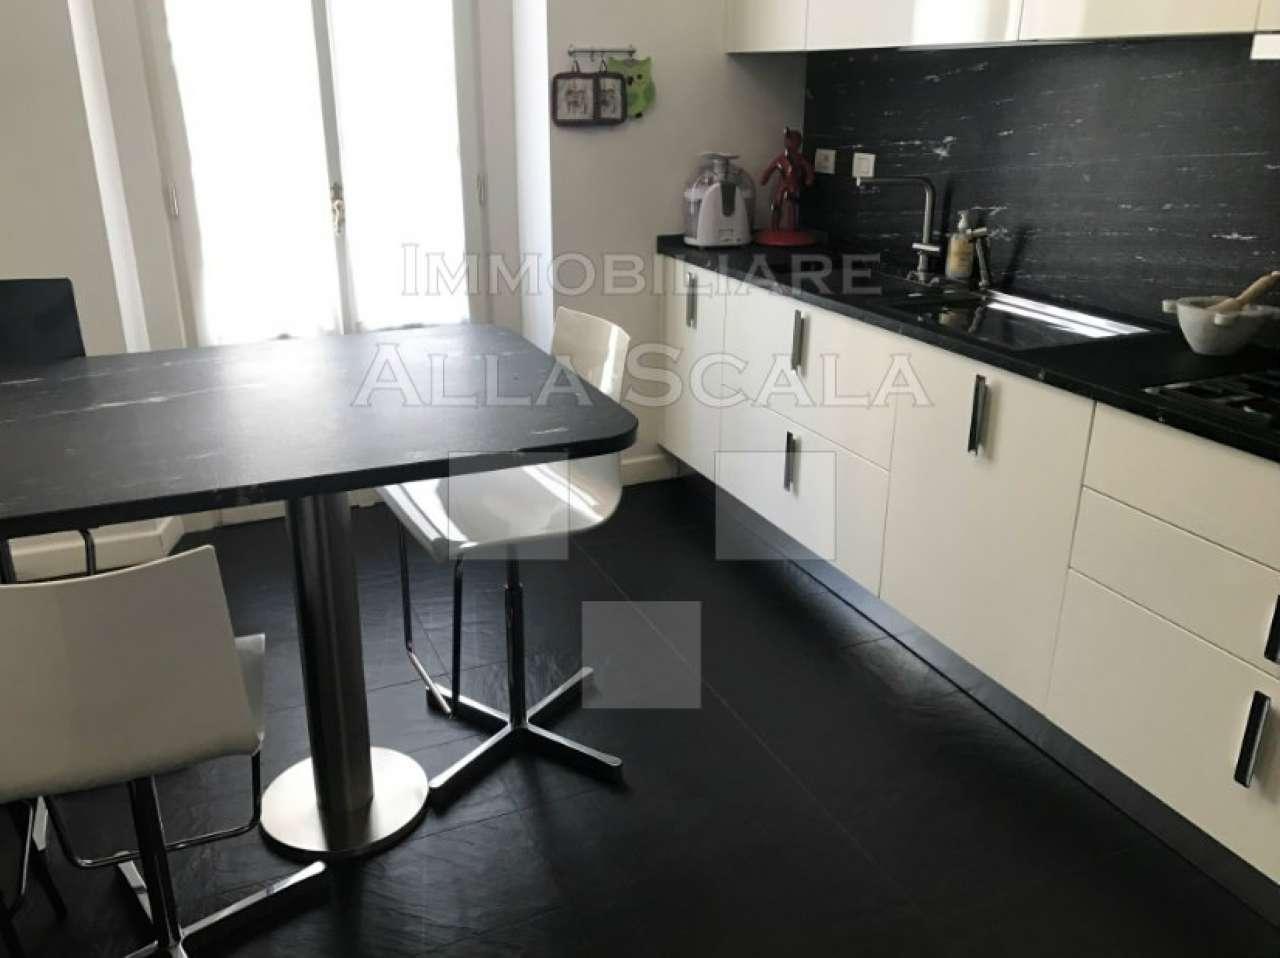 Appartamento in Vendita a Milano: 4 locali, 240 mq - Foto 3